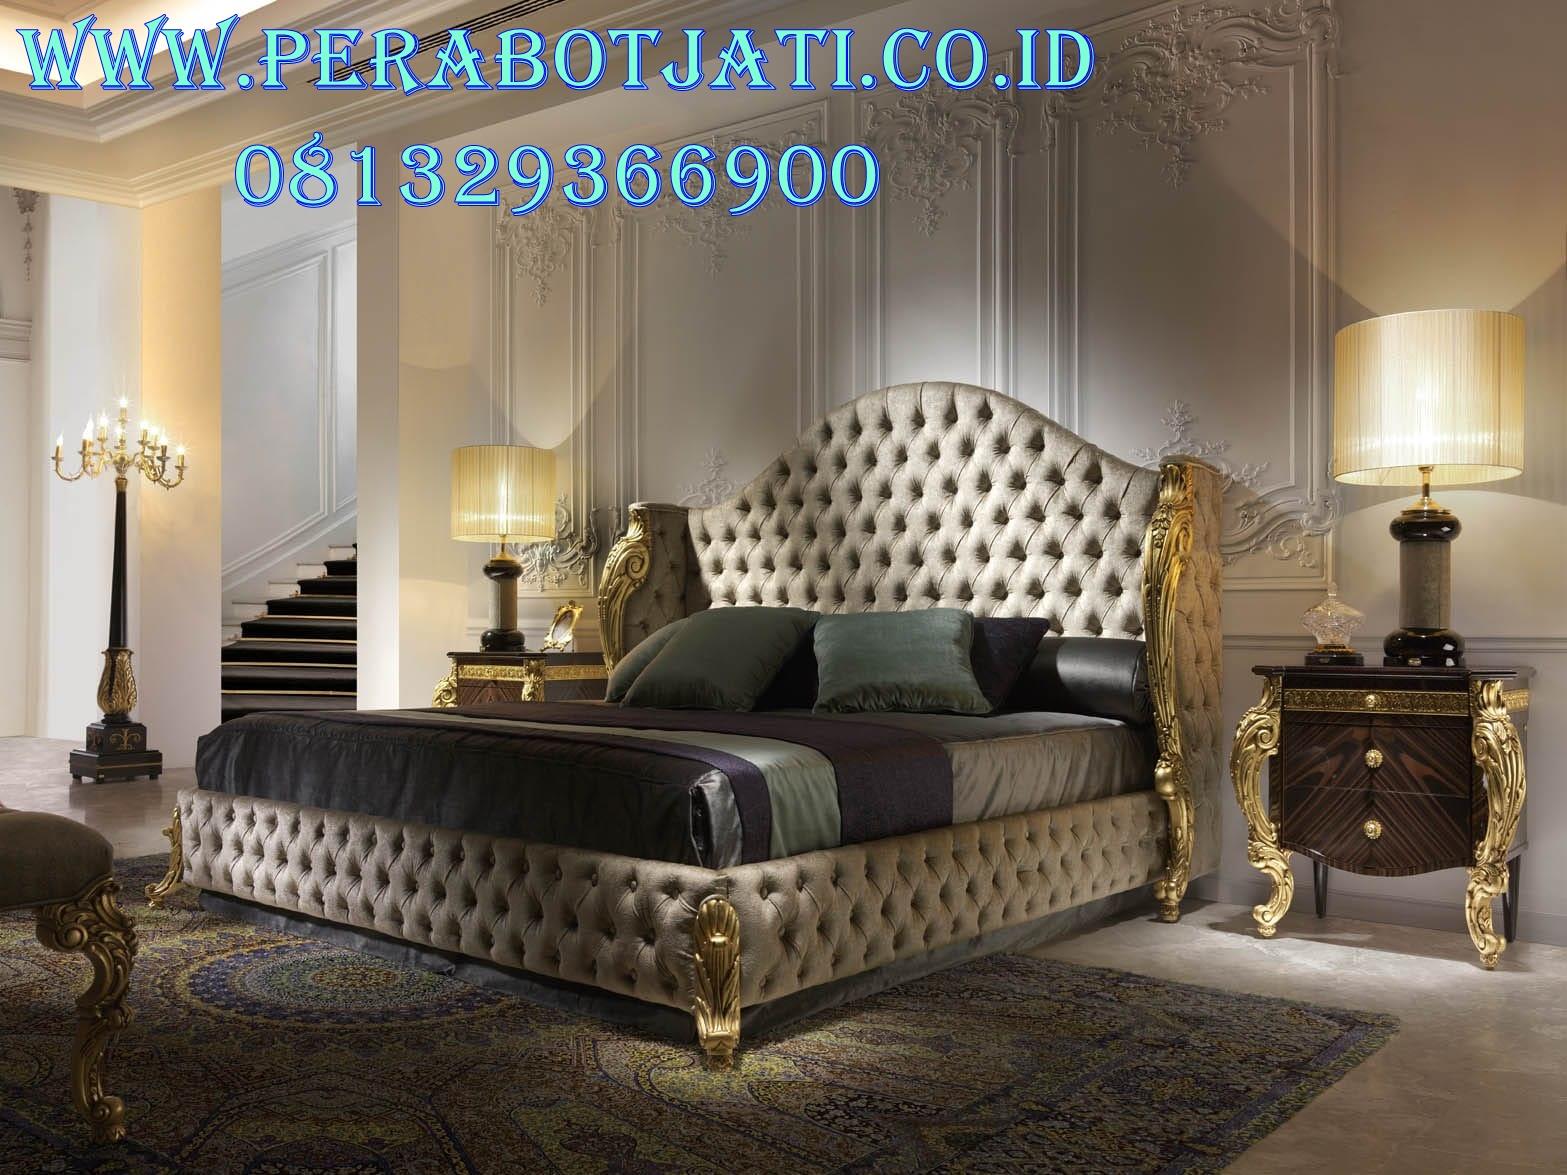 Desain Tempat Tidur Pengantin Untuk Kamar Klasik Romantis